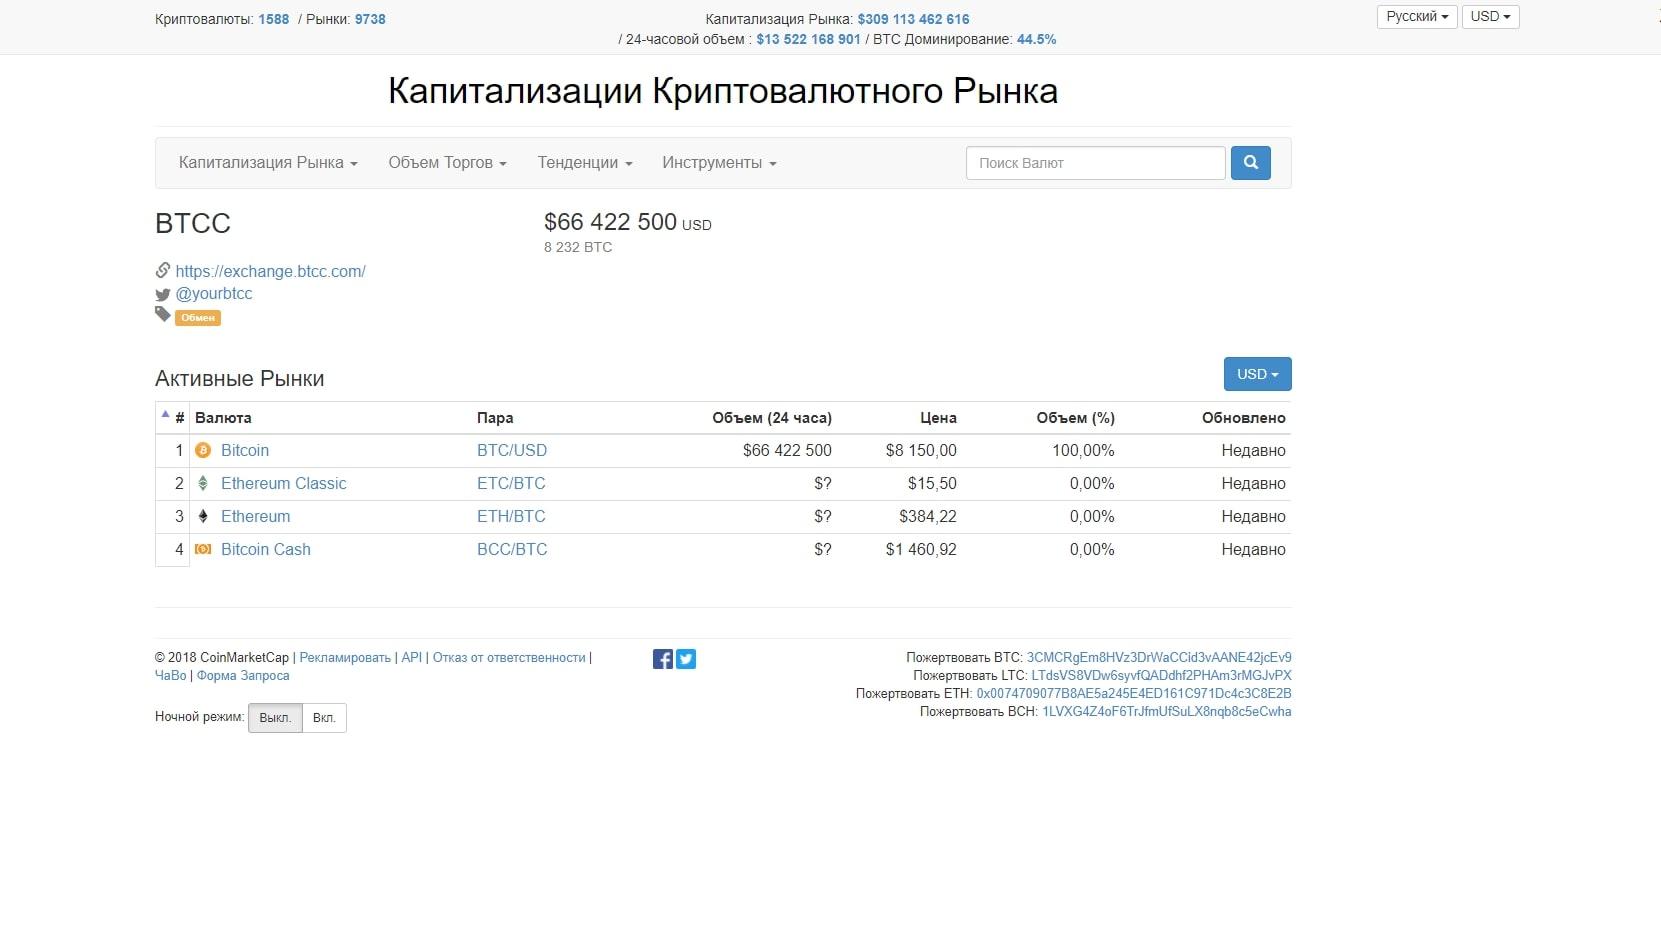 Страница биржи BTCChina на сайте CoinMarketCap